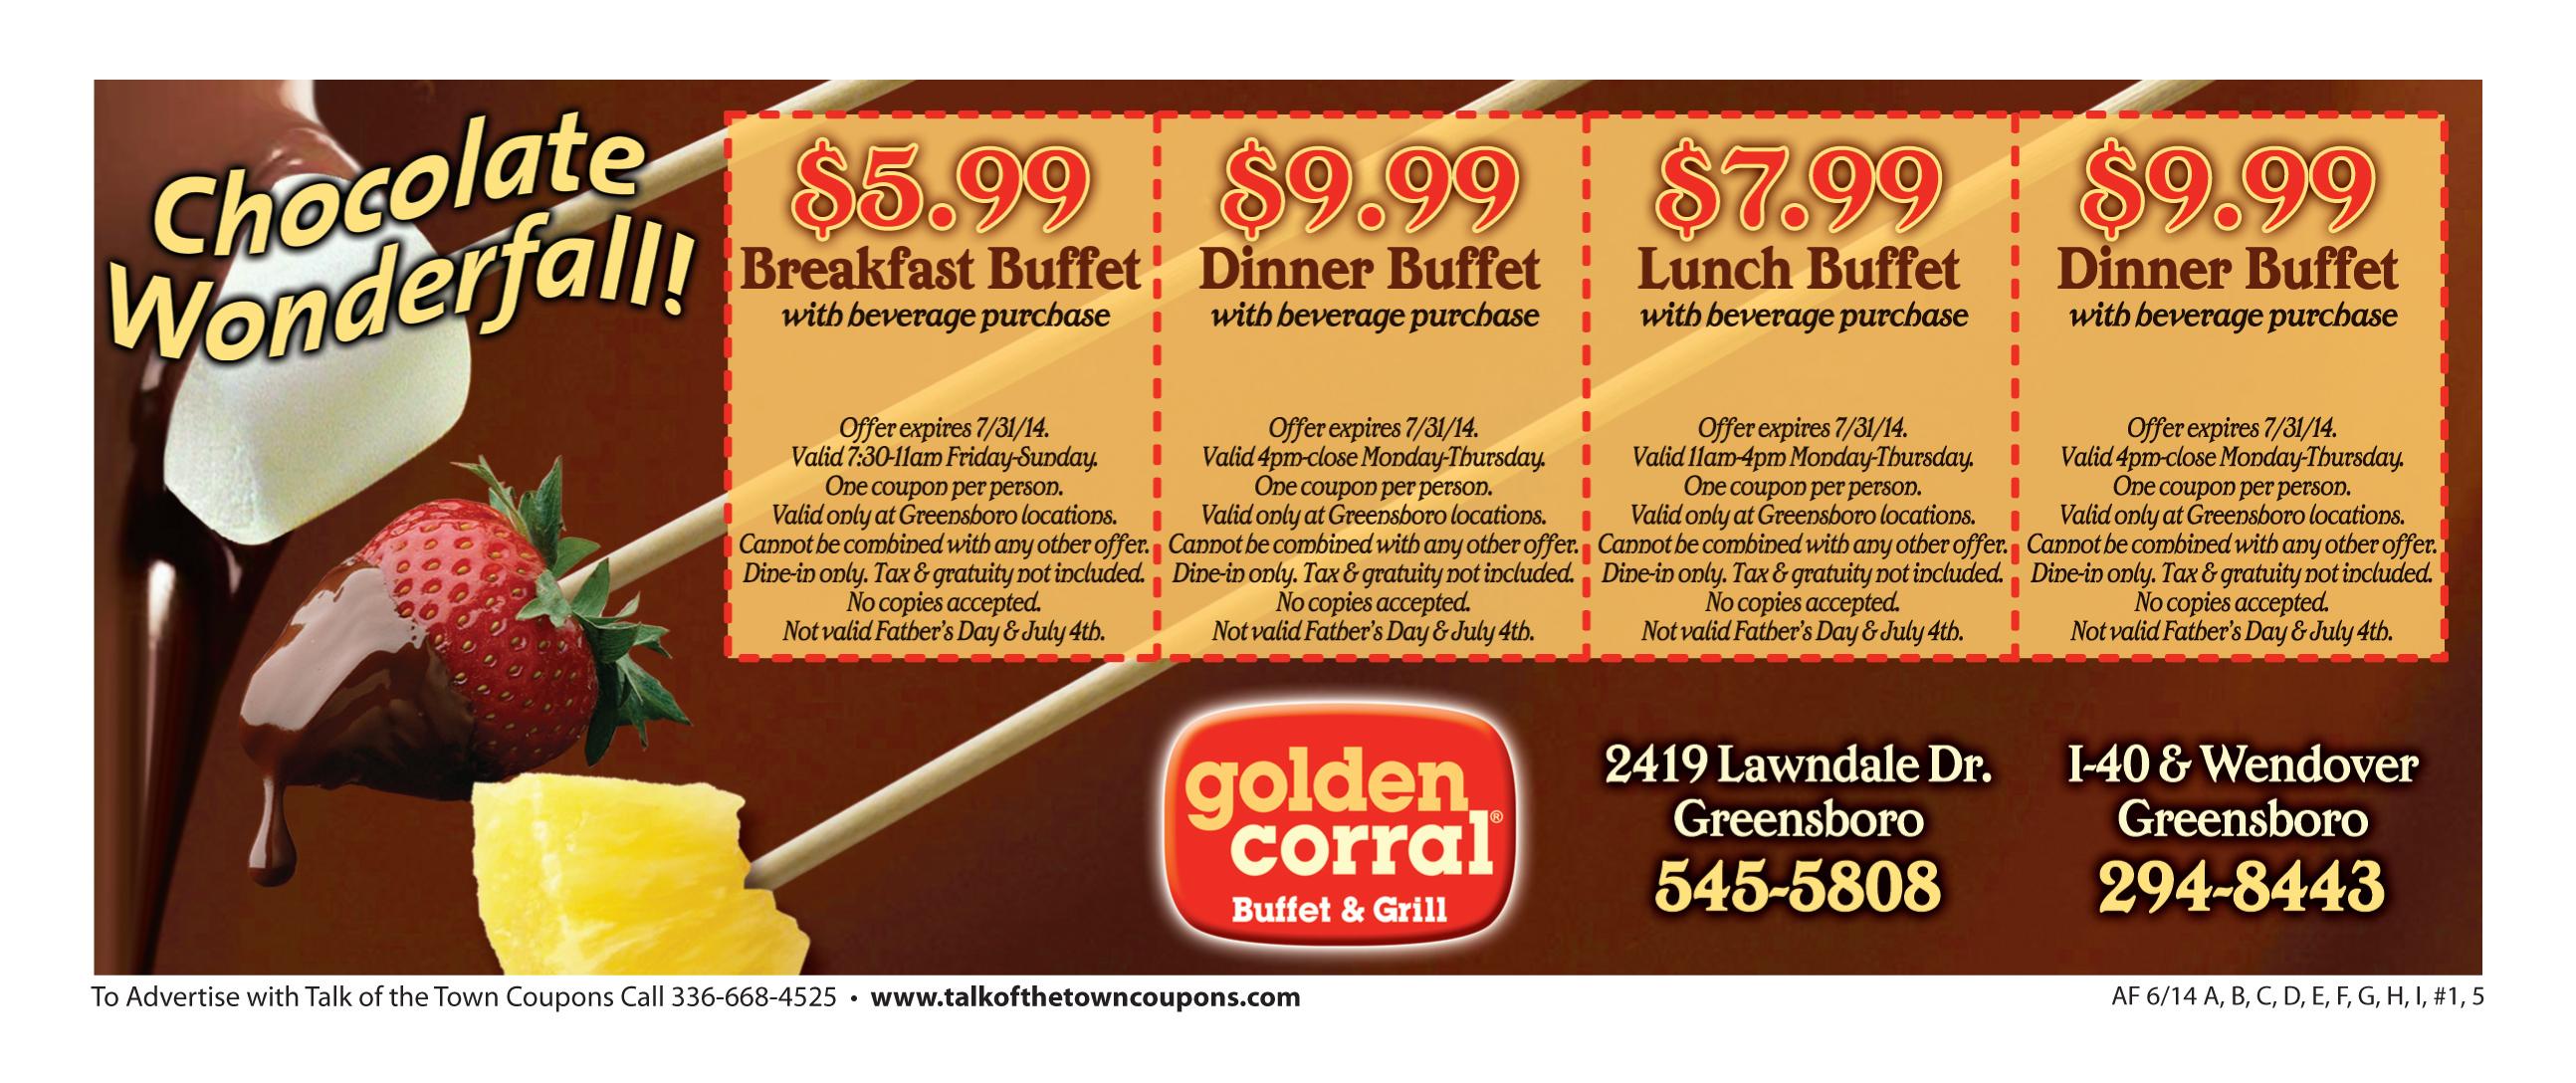 Golden Corral Booklet Offer Image